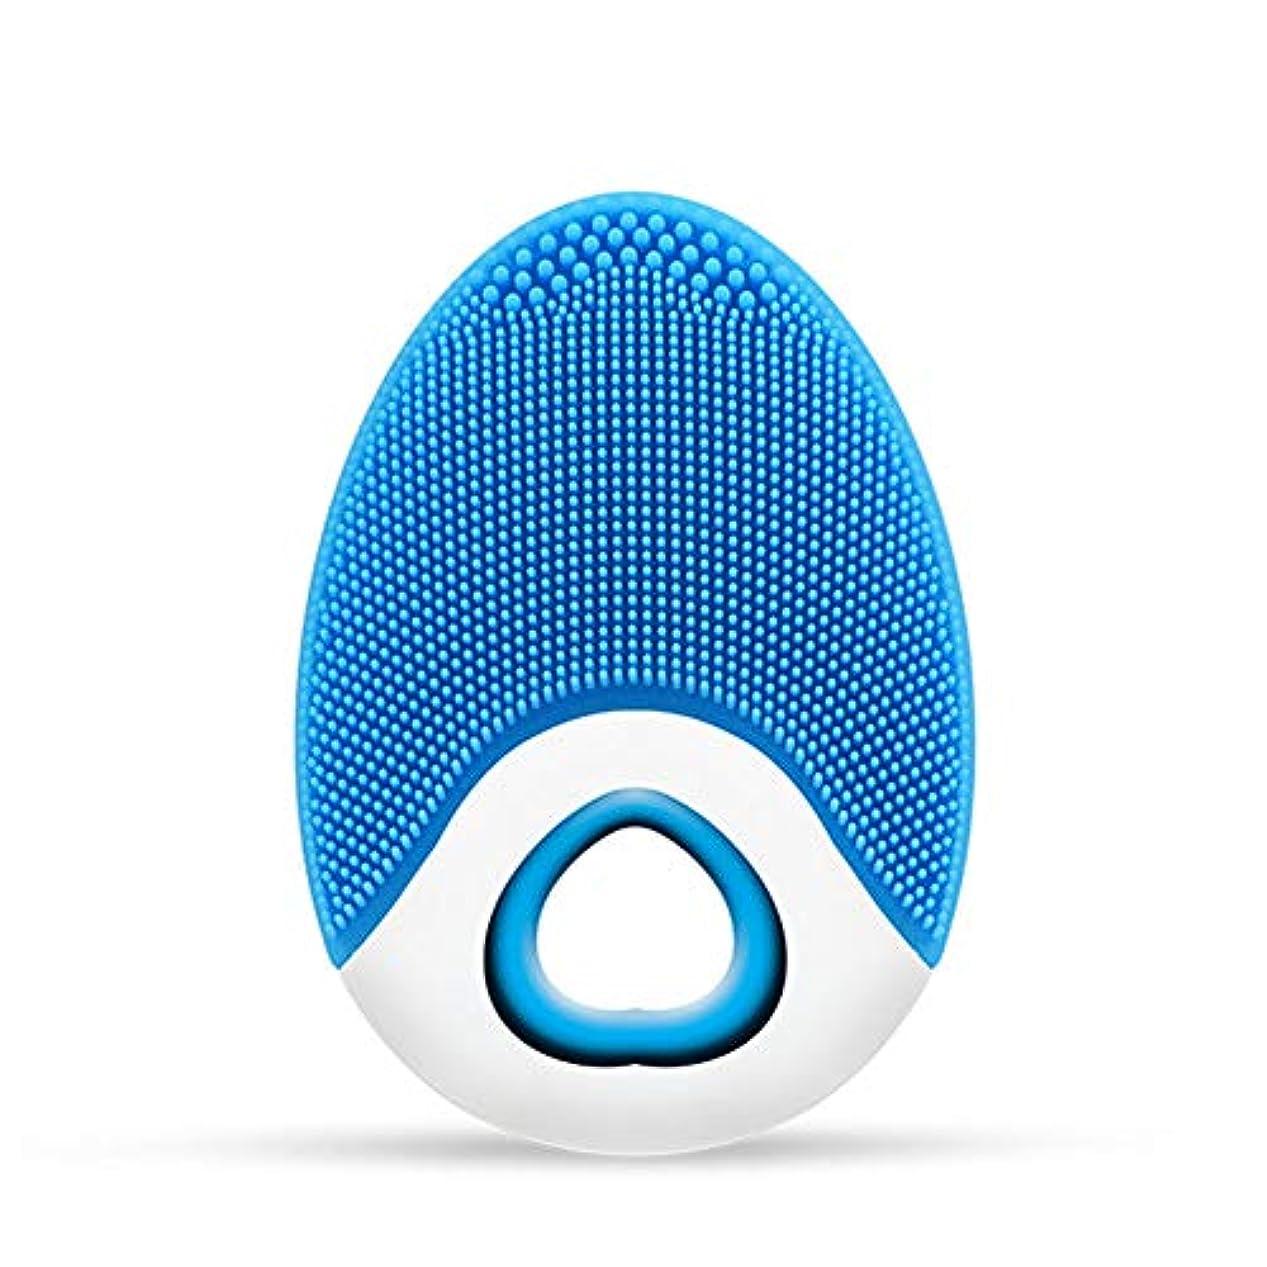 ジュラシックパーク優雅コンサートCoolTack   1ピースシリコンフェイスクレンザーブラシ超音波ディープクリーニング防水ワイヤレス充電